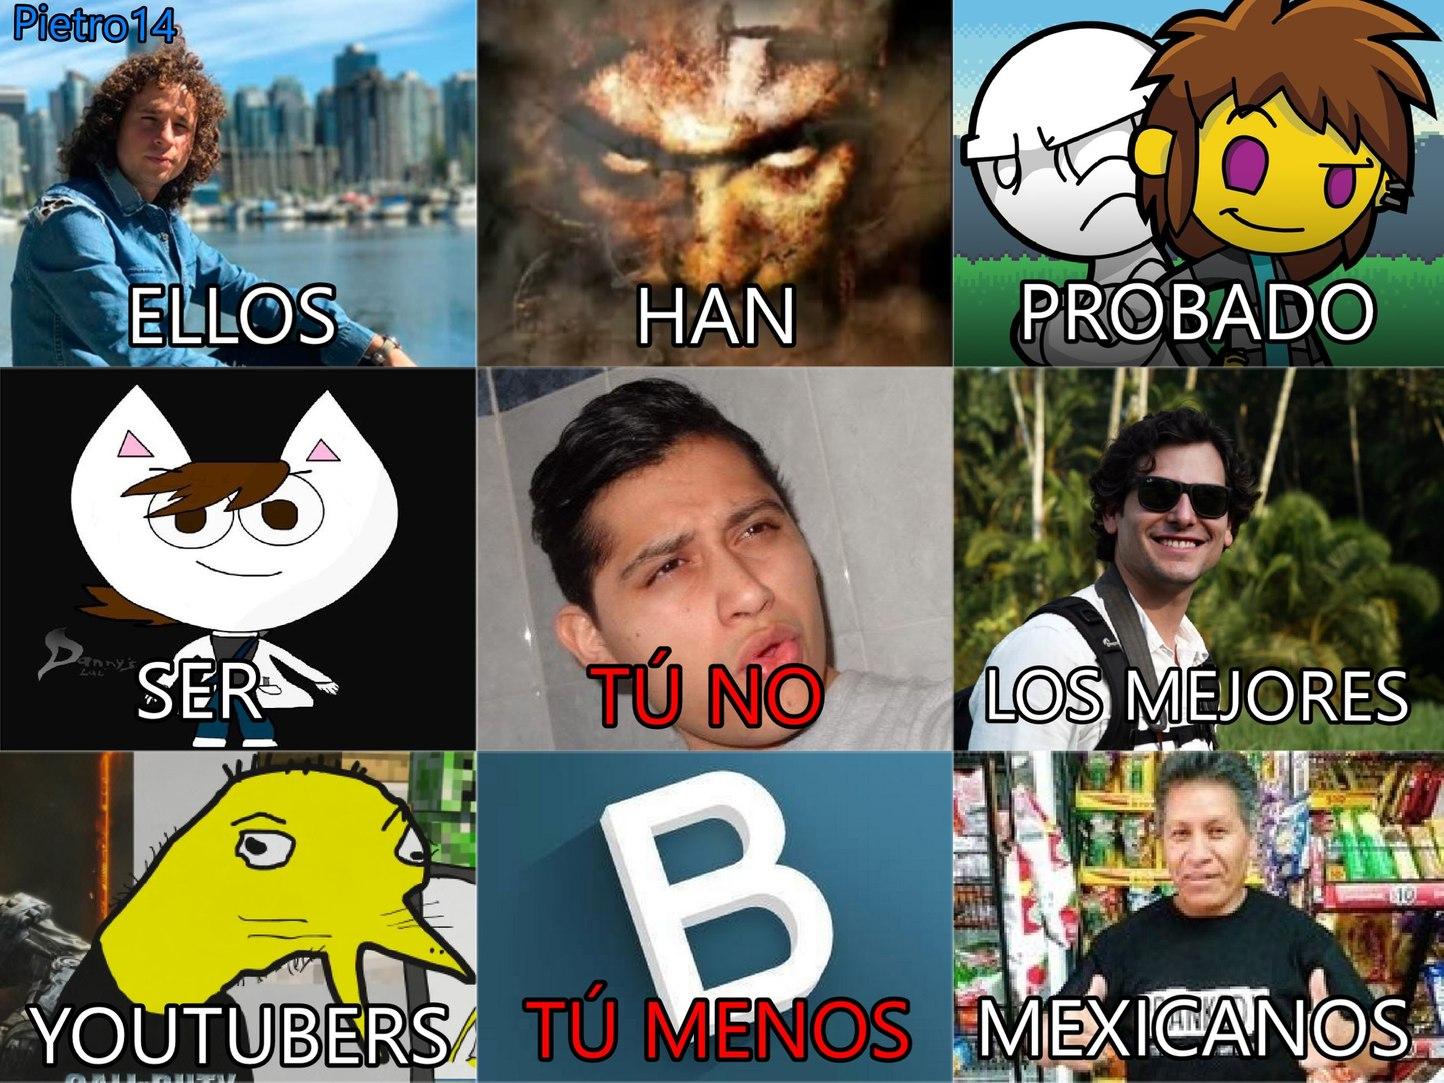 los mejores youtubers - meme